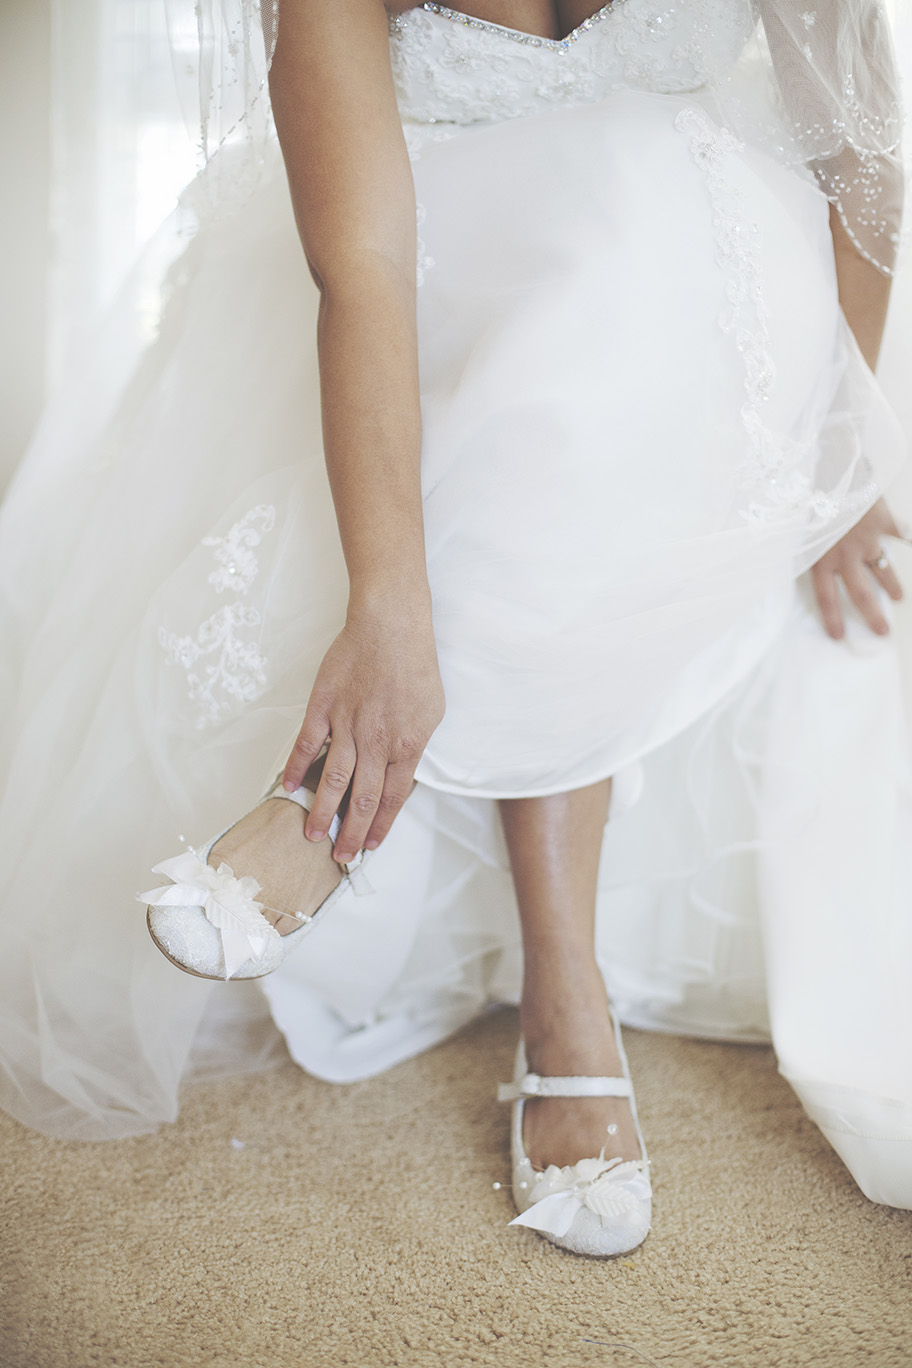 Bride Preparation Wedding Photo 011